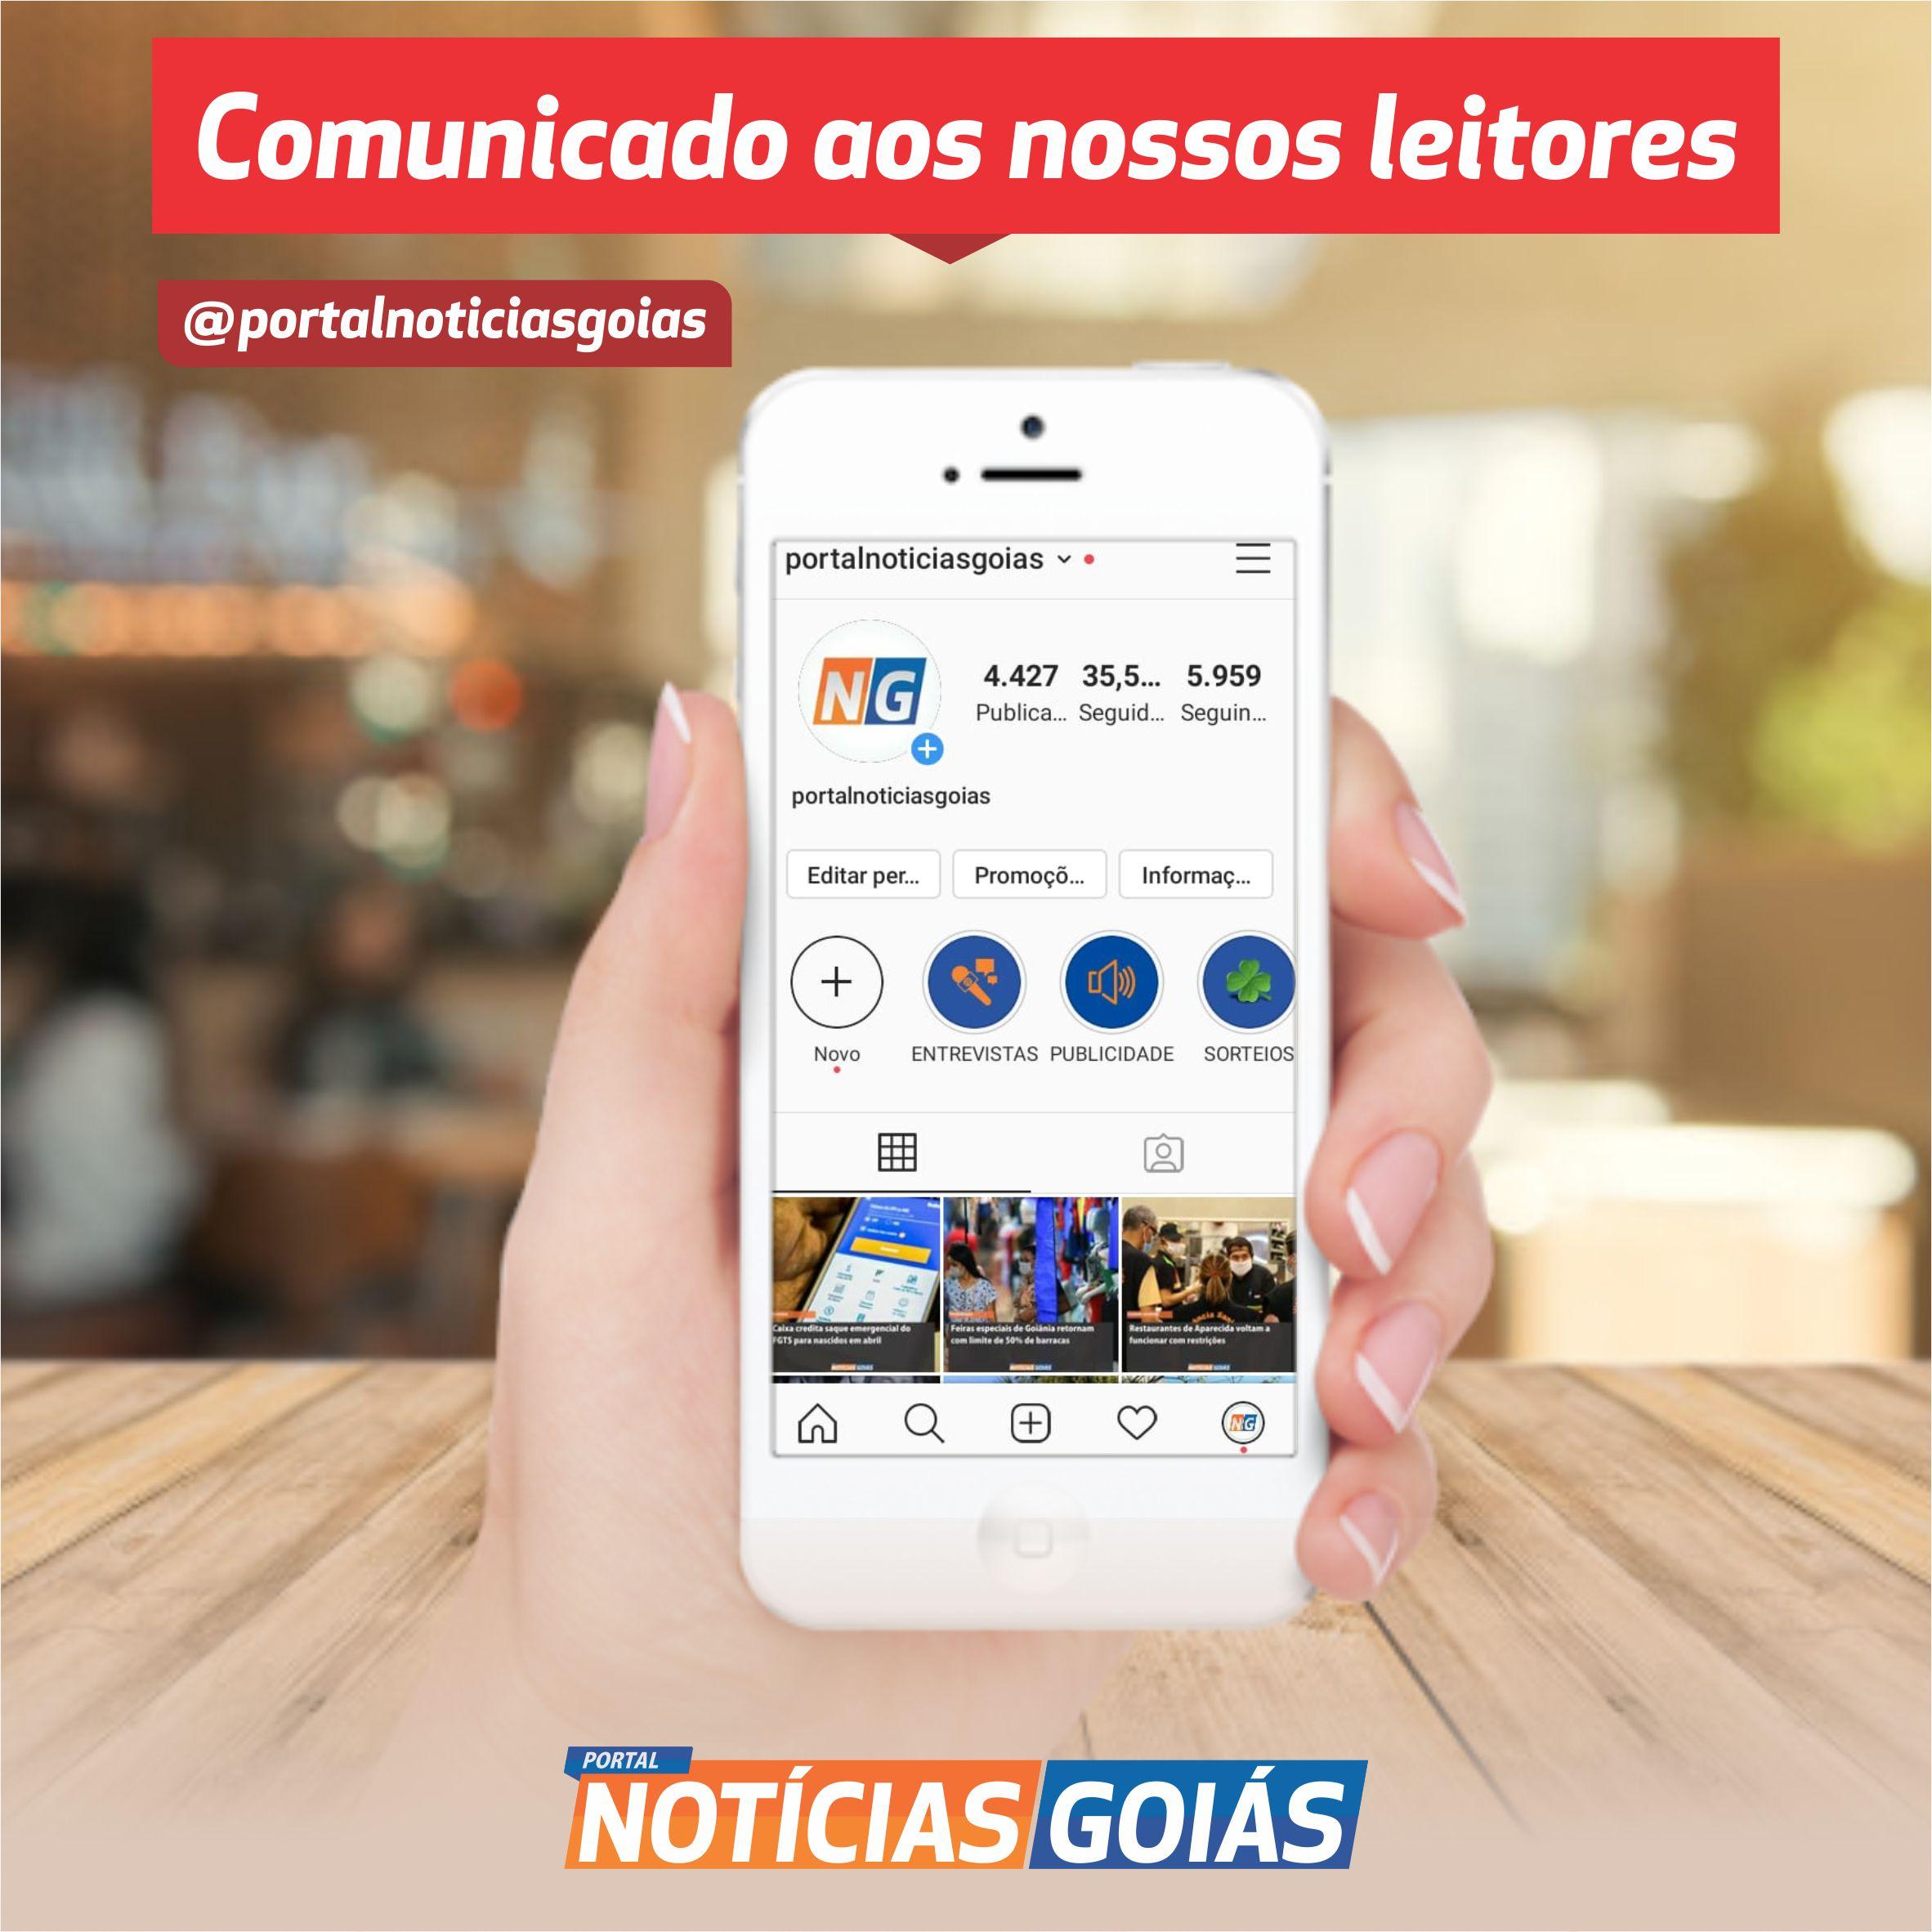 PORTAL NOTÍCIAS GOIÁS recupera sua conta do Instagram